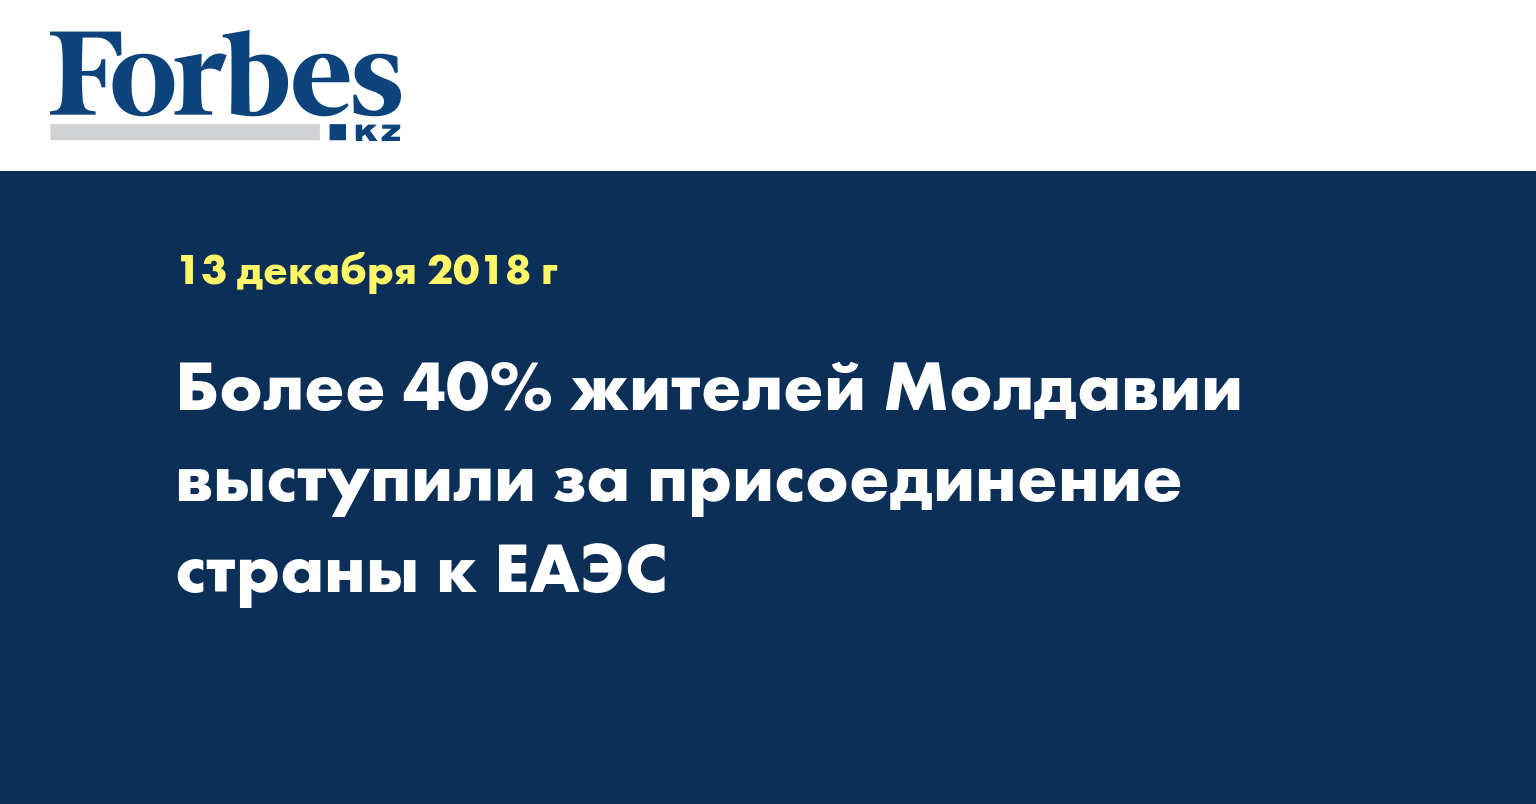 Более 40% жителей Молдавии выступили за присоединение страны к ЕАЭС